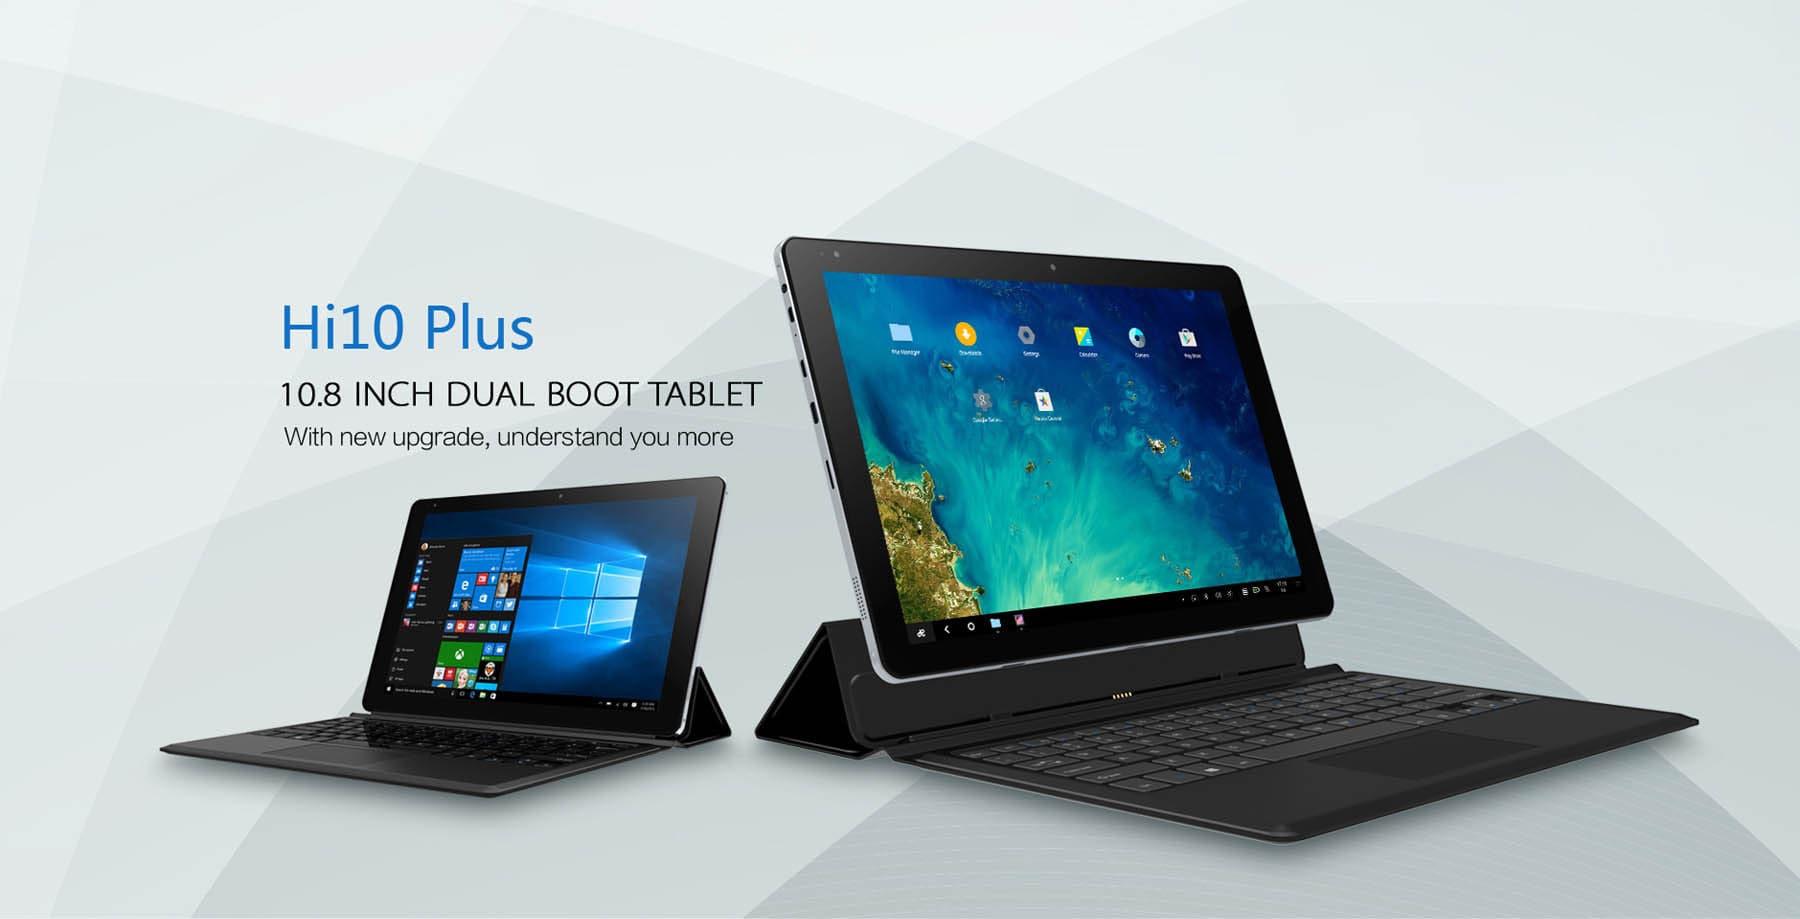 bon plan chuwi hi10 plus tablette hybride 10 8 pouces. Black Bedroom Furniture Sets. Home Design Ideas